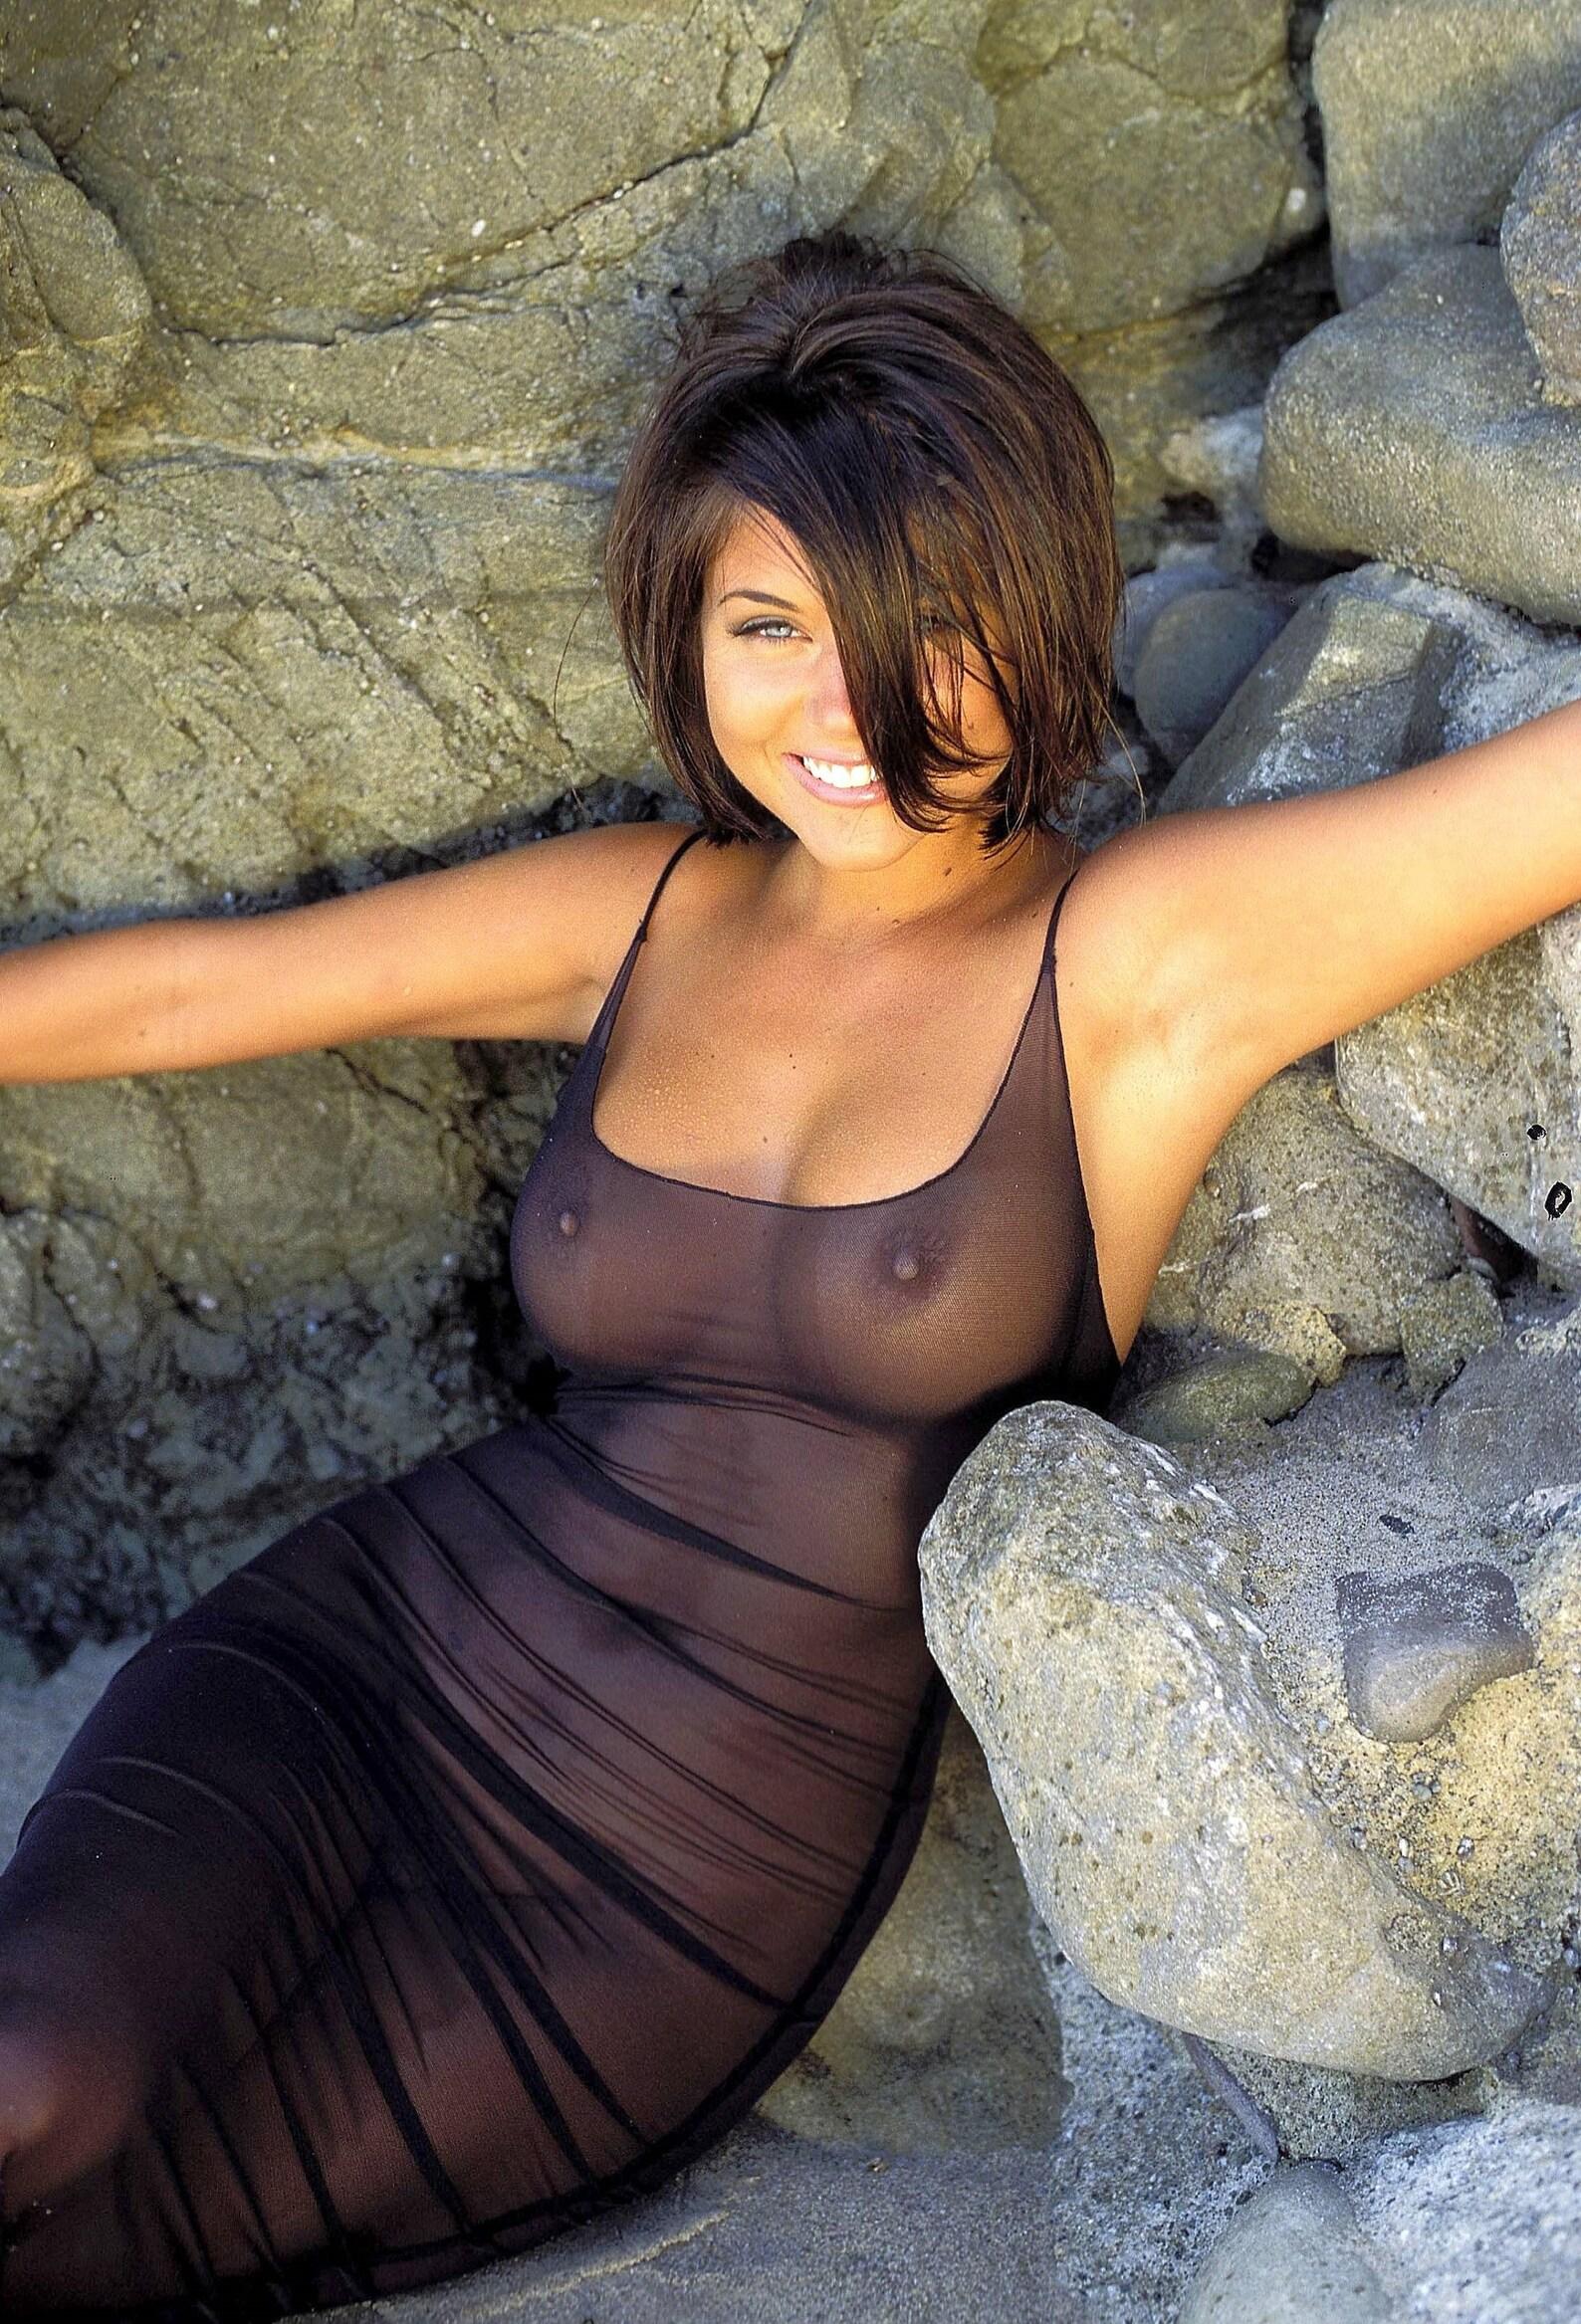 tiffani-amber-thiessen-sex-video